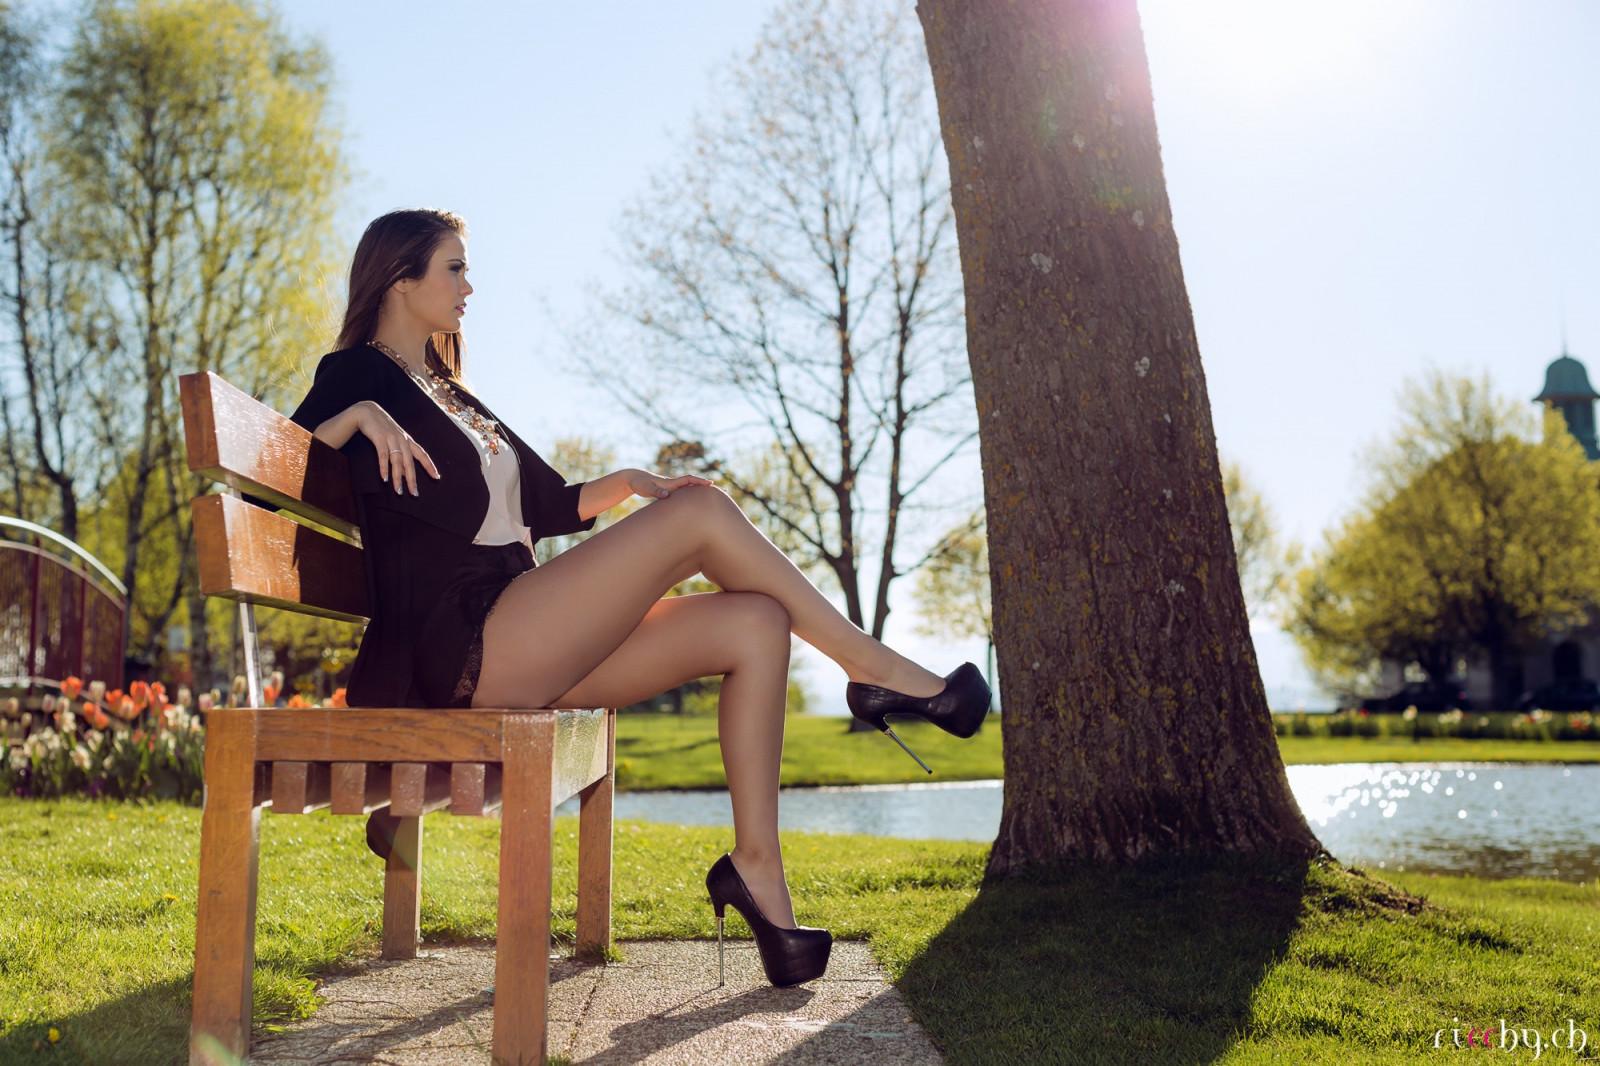 sayti-noga-na-nogu-v-korotkoy-yubke-foto-zhenshin-onlayn-porno